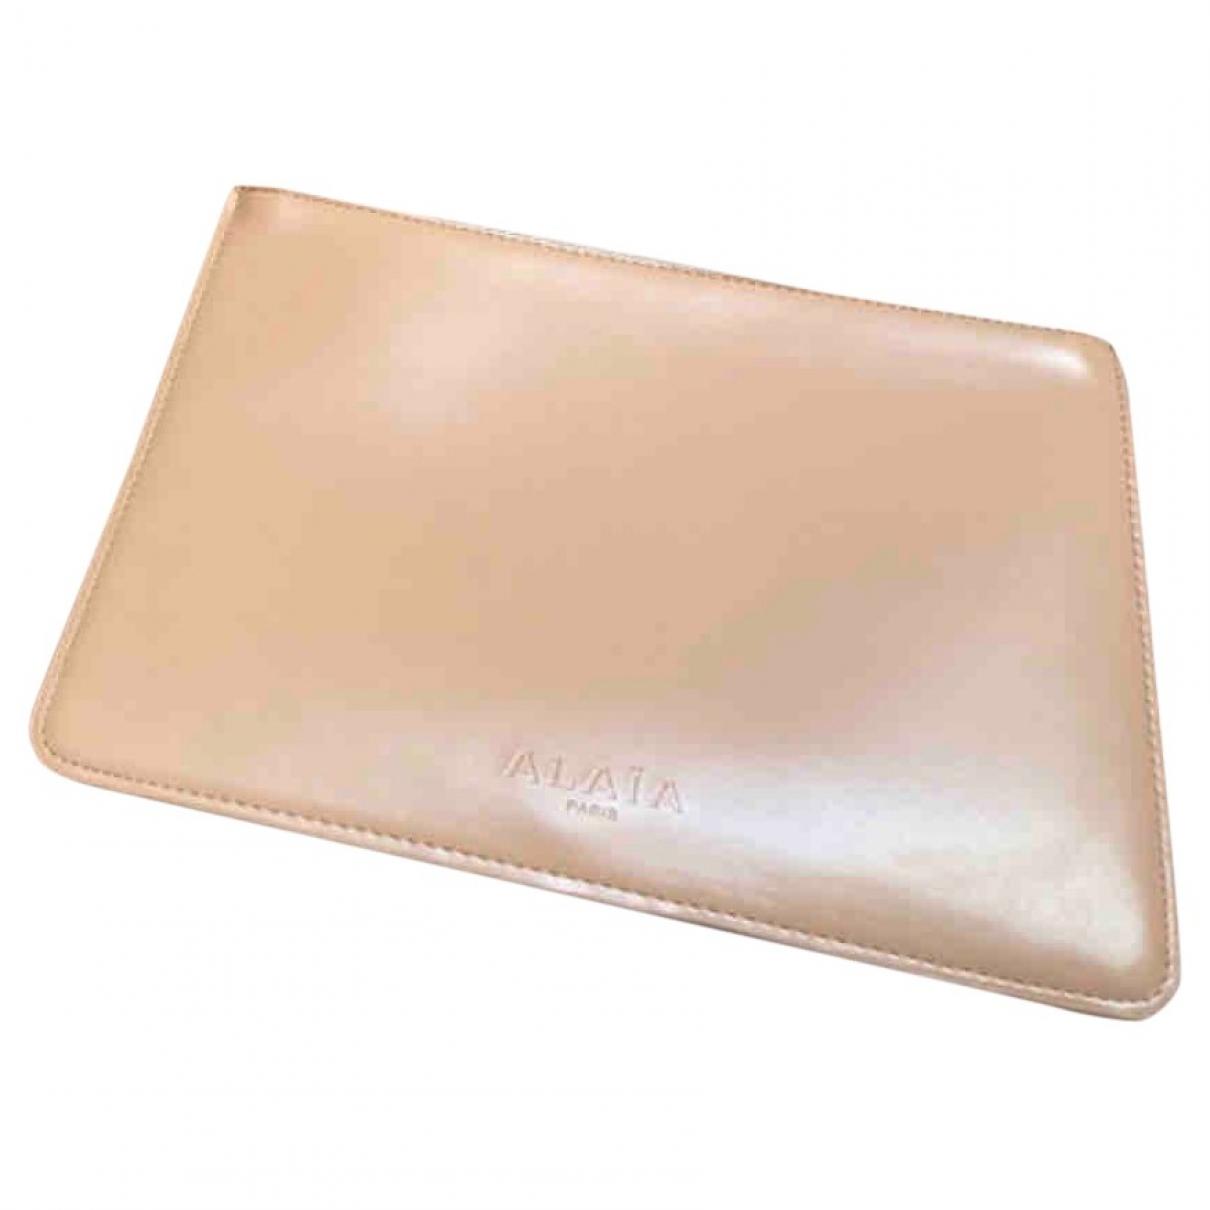 Alaia - Pochette   pour femme en cuir - beige